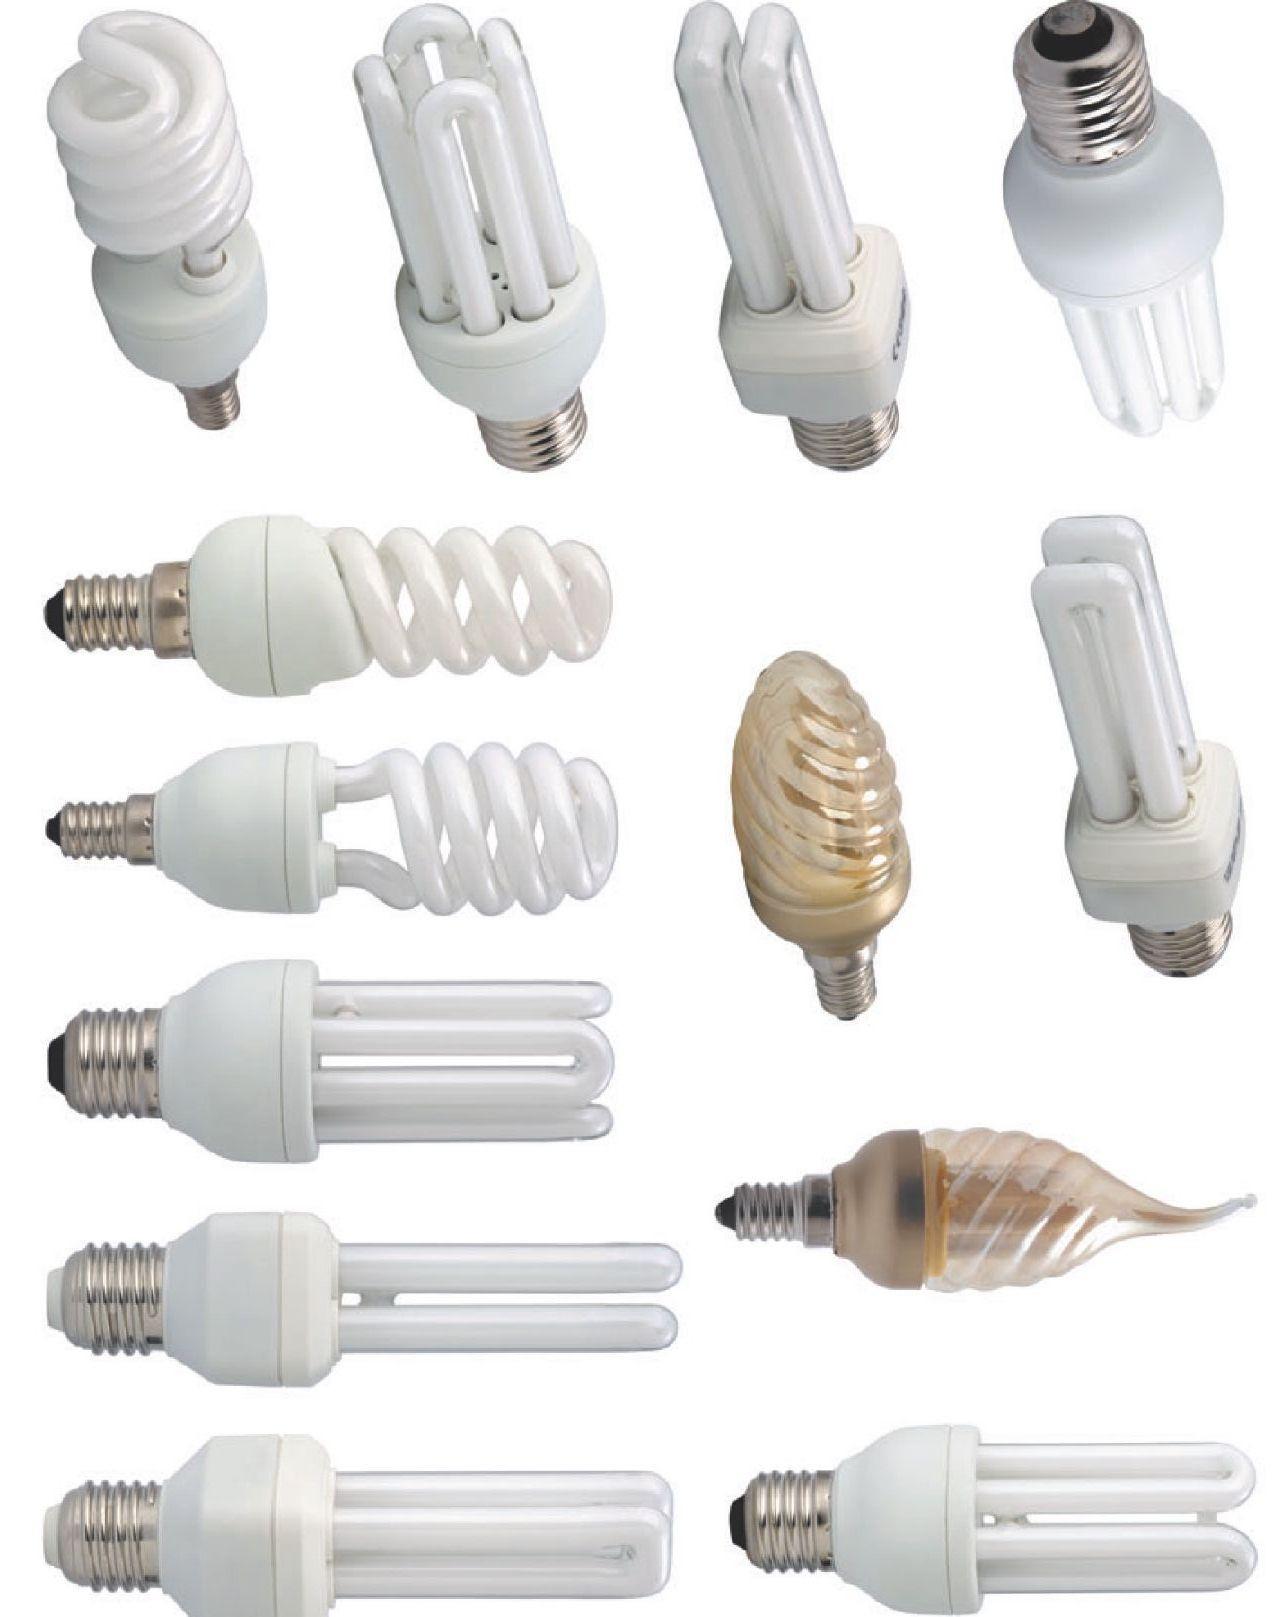 Two Kinds Of Light Bulbs Bulbs Ideas